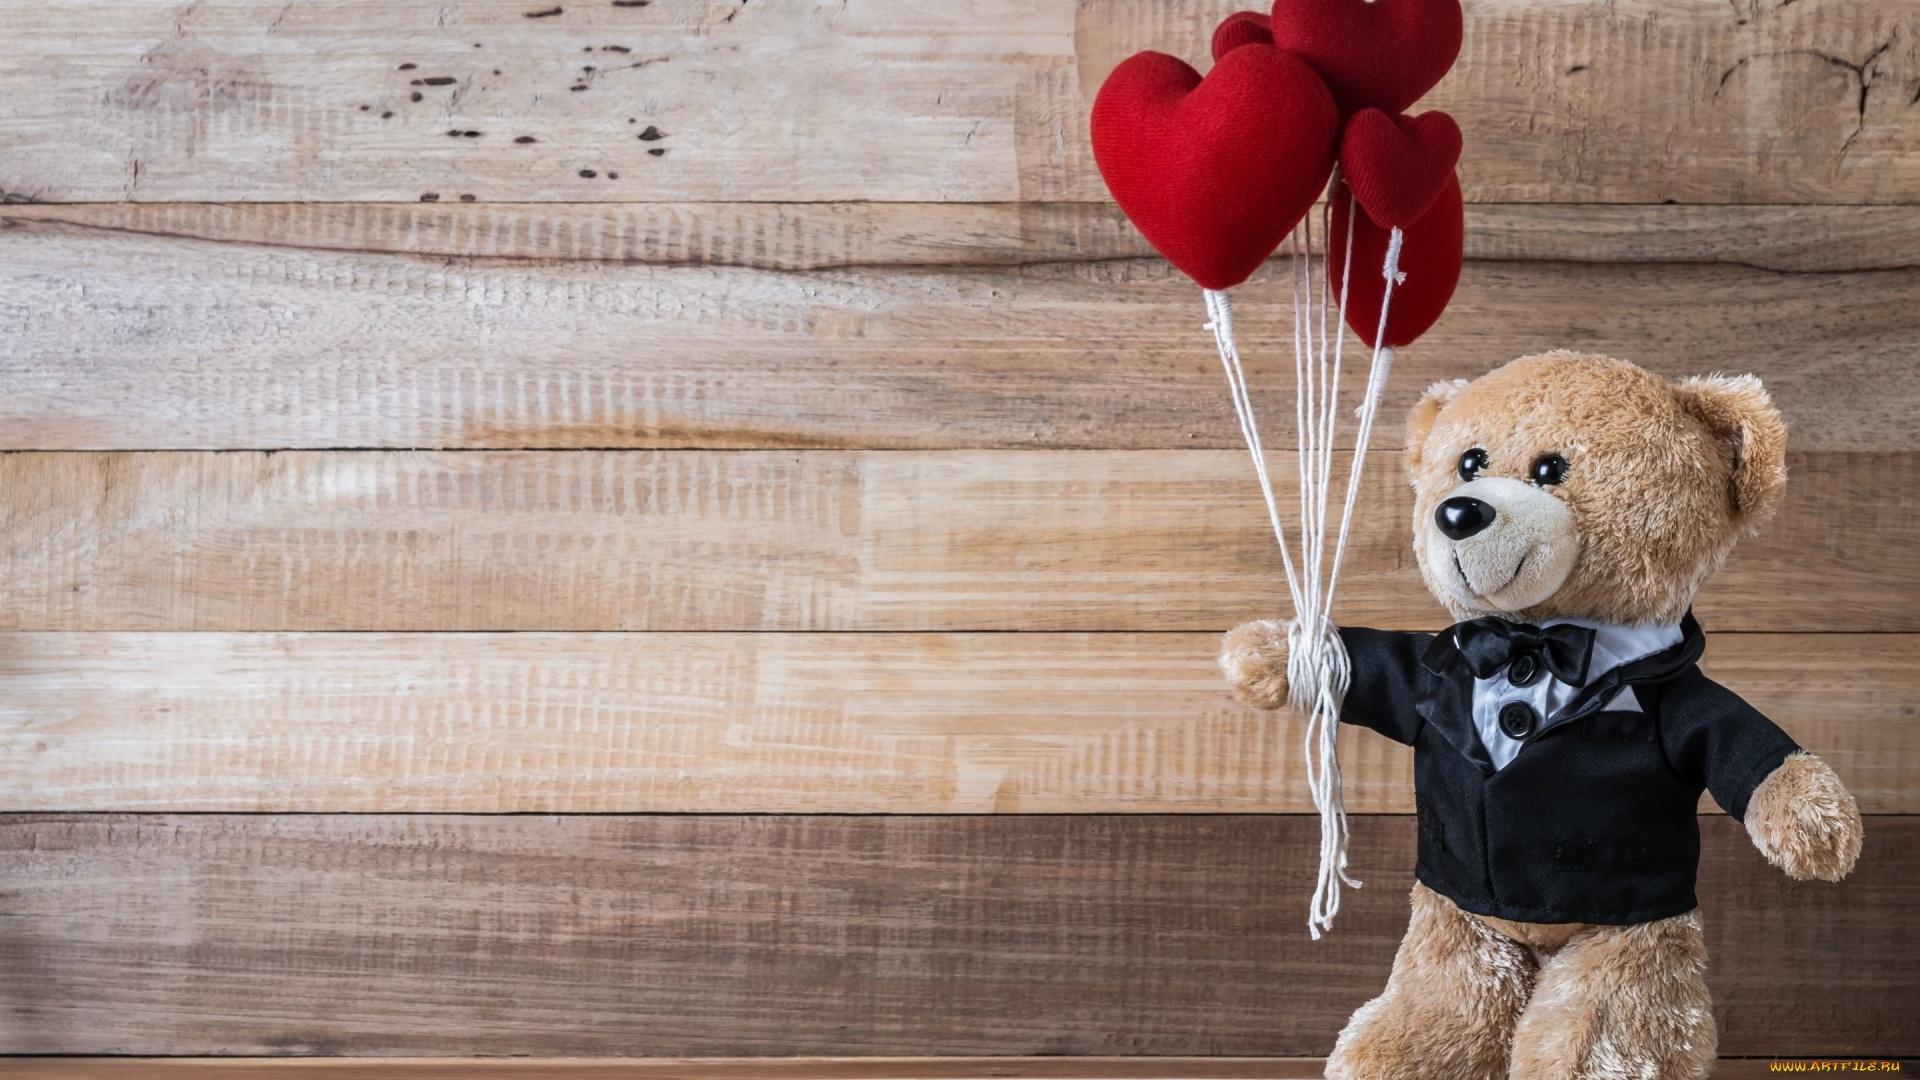 Teddy Bear hd desktop wallpaper